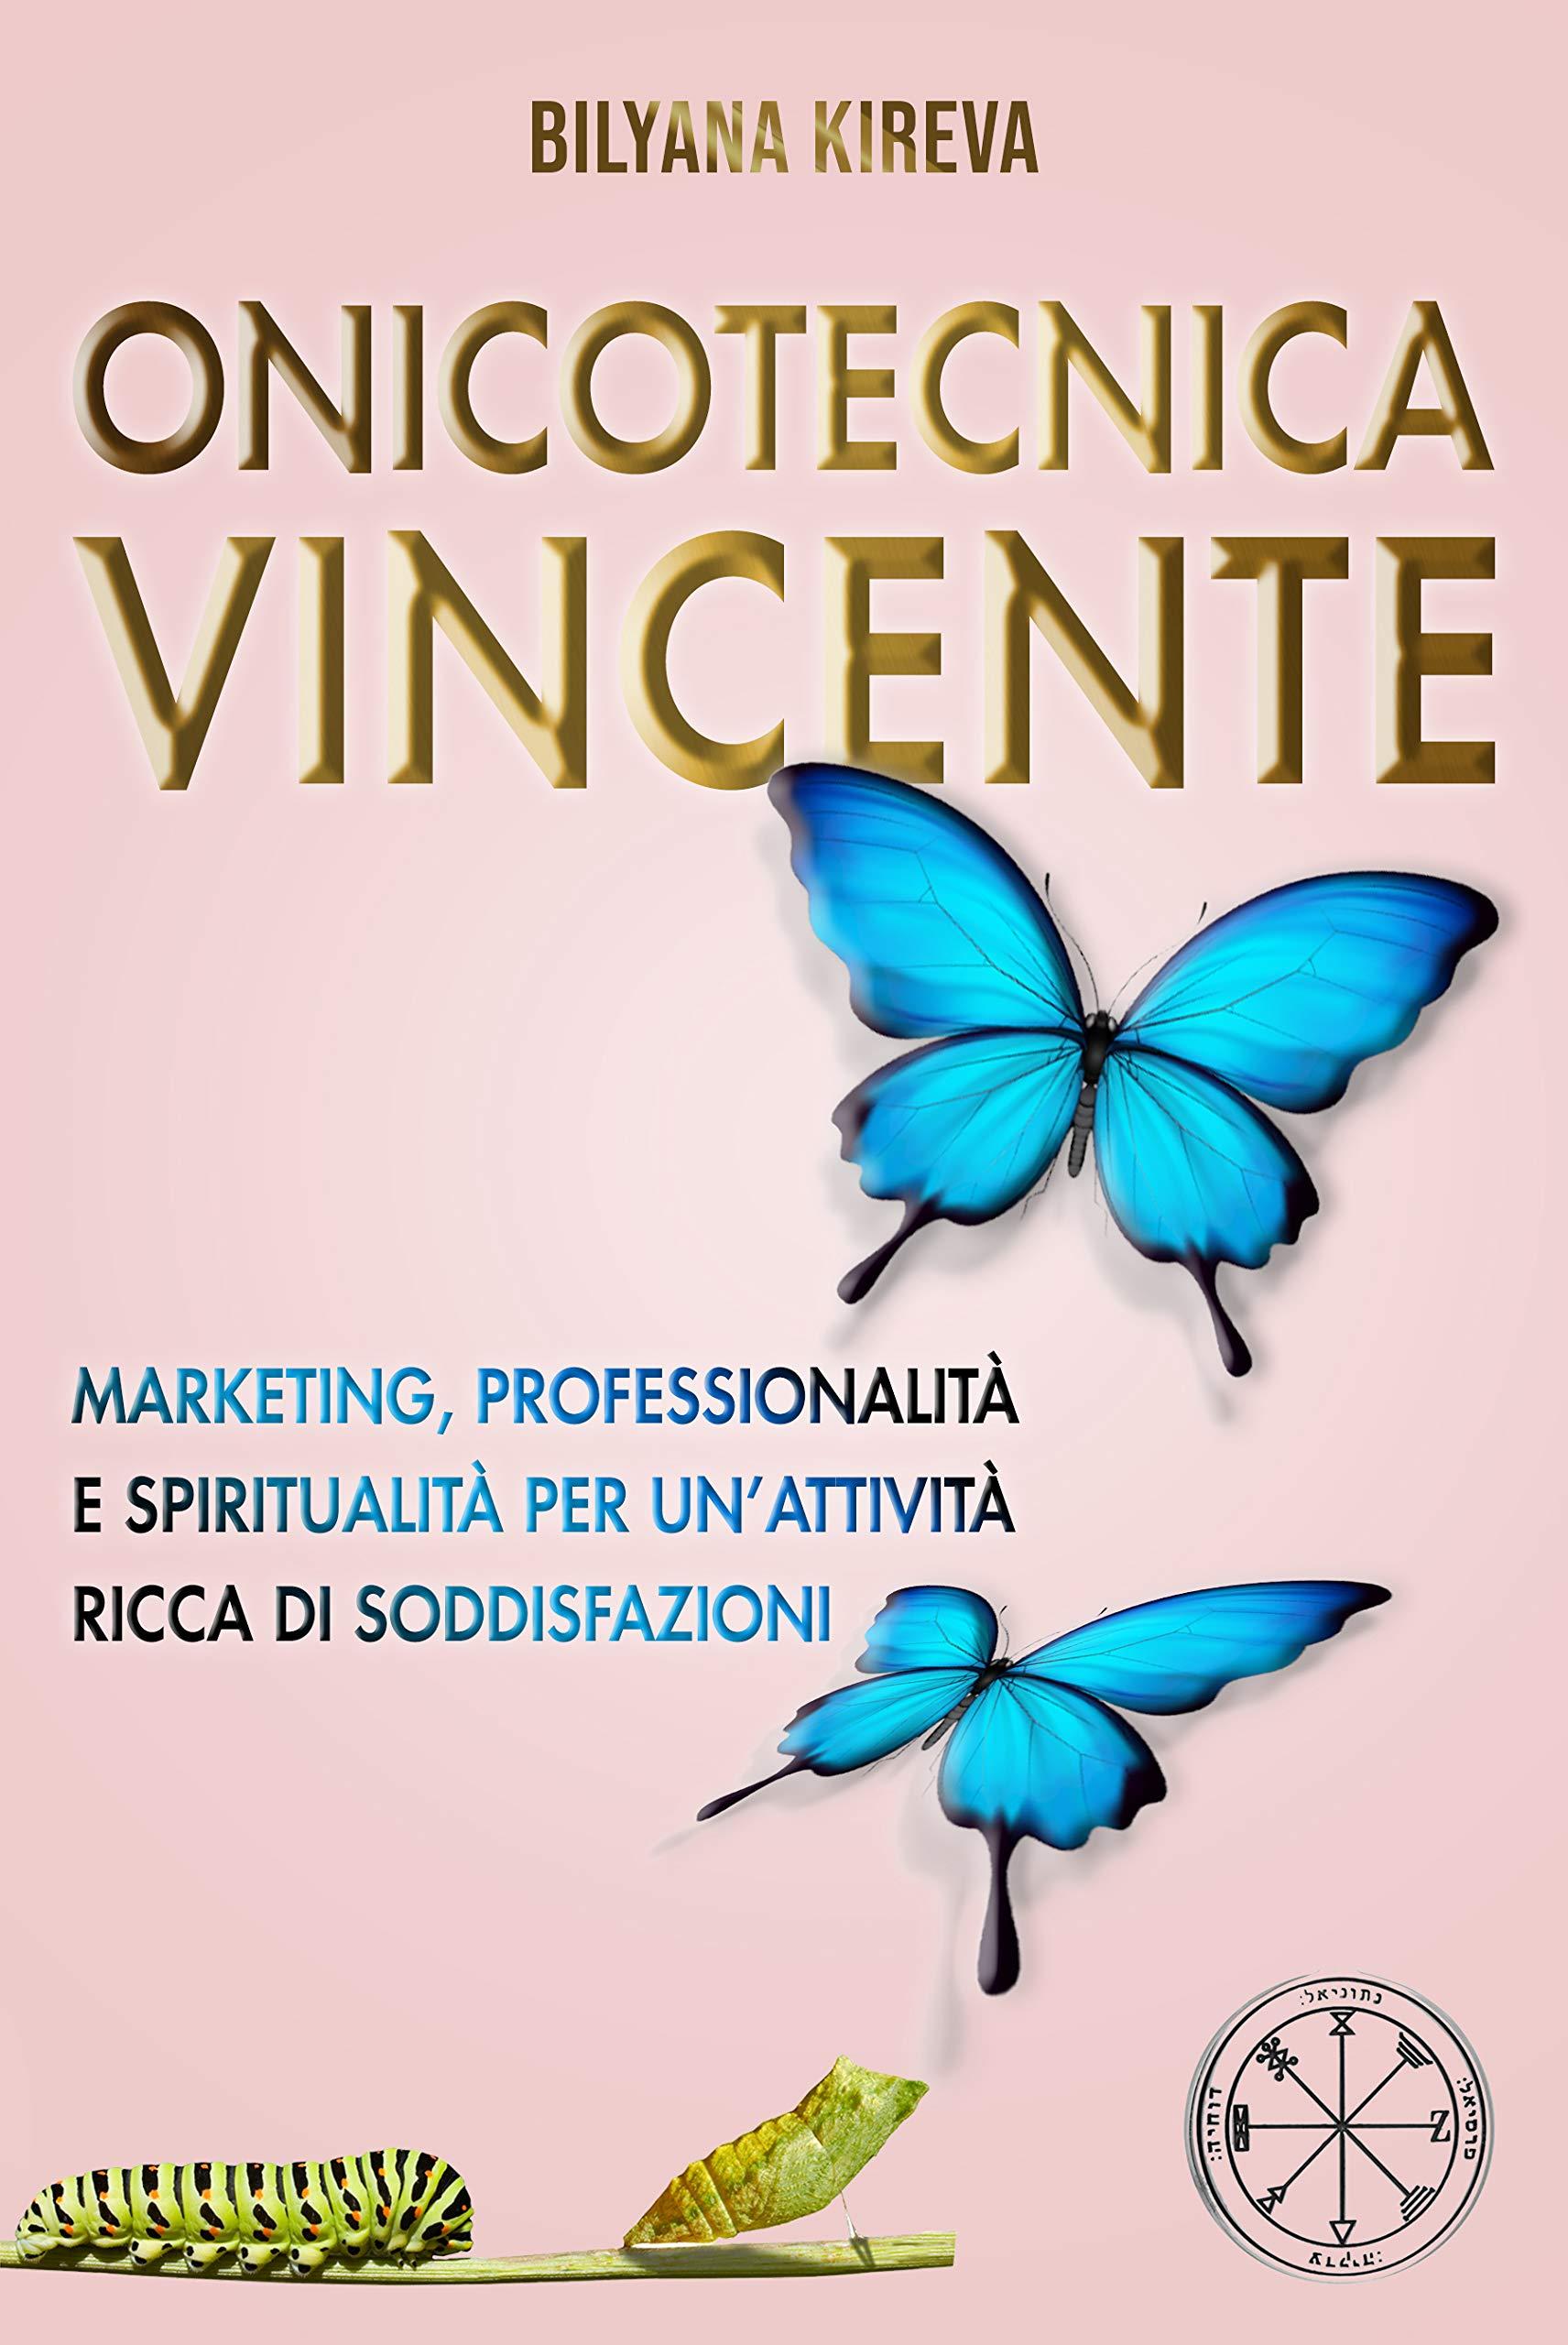 Onicotecnica Vincente: Marketing, professionalità e spiritualità per un'attività ricca di soddisfazioni (Italian Edition)